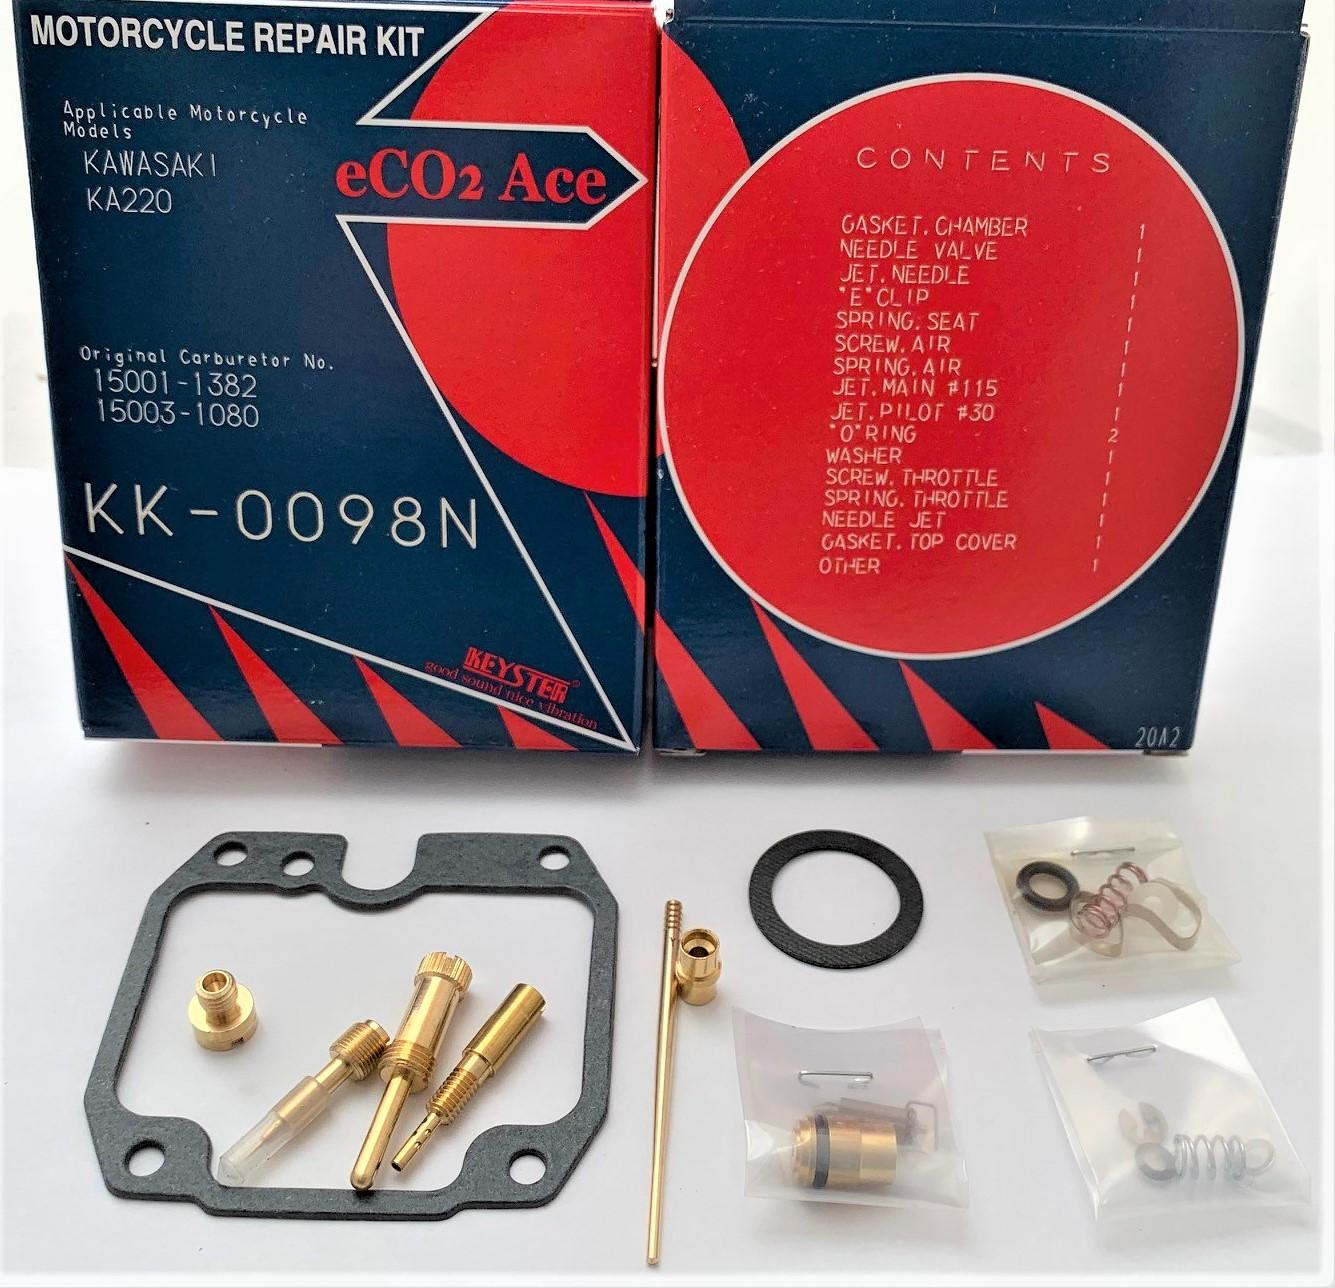 KAWASAKI KLF220 BAYOU KEYSTER CARBURETOR REBUILD REPAIR KIT 1988 - 2002